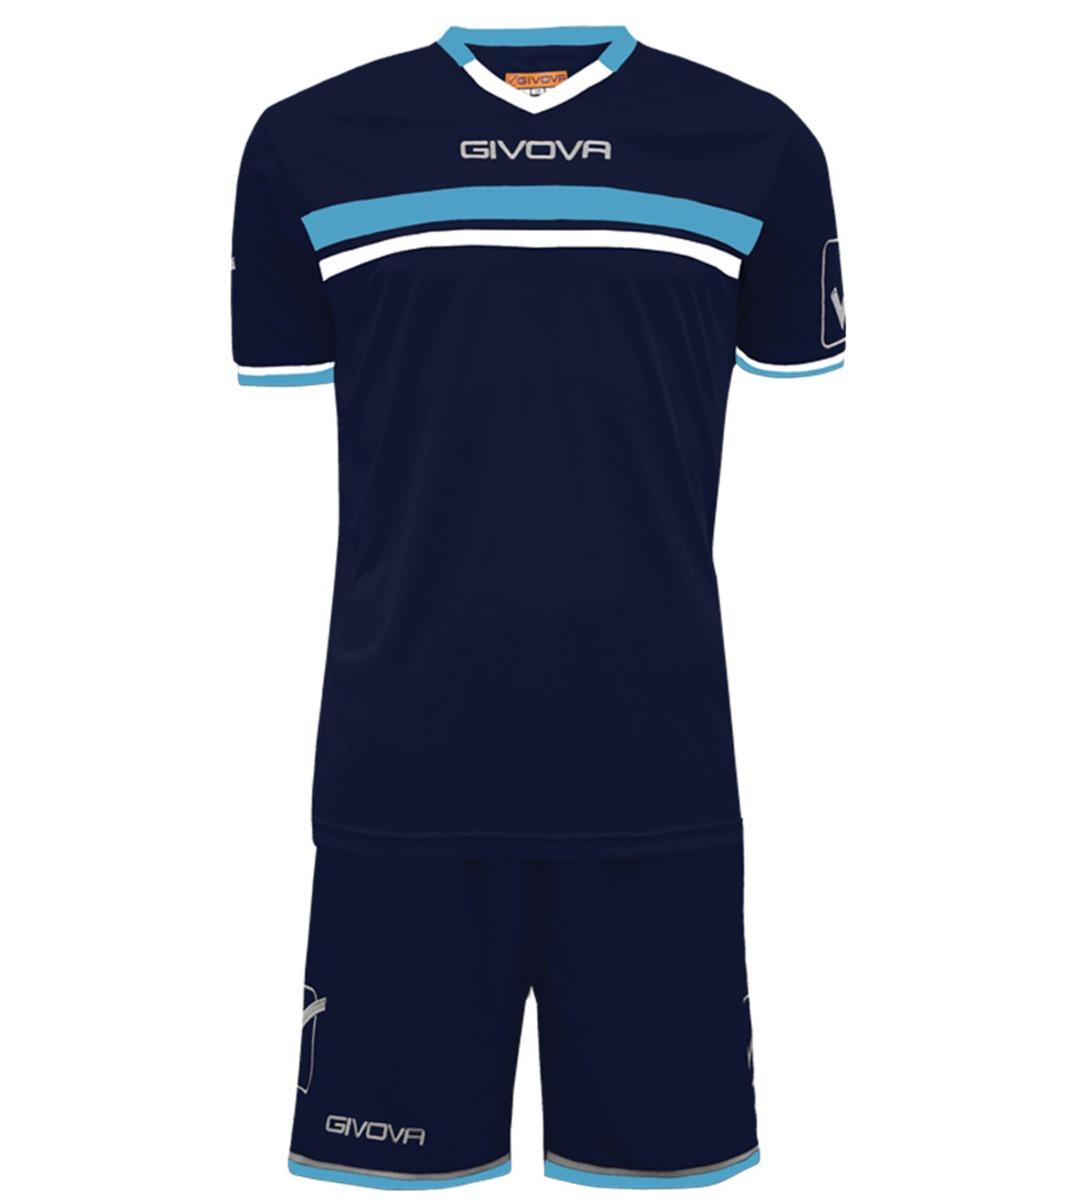 Kit-Game-Calcio-Sport-GIVOVA-Abbigliamento-Sportivo-Uomo-Calcistico-GIOSAL miniatura 18